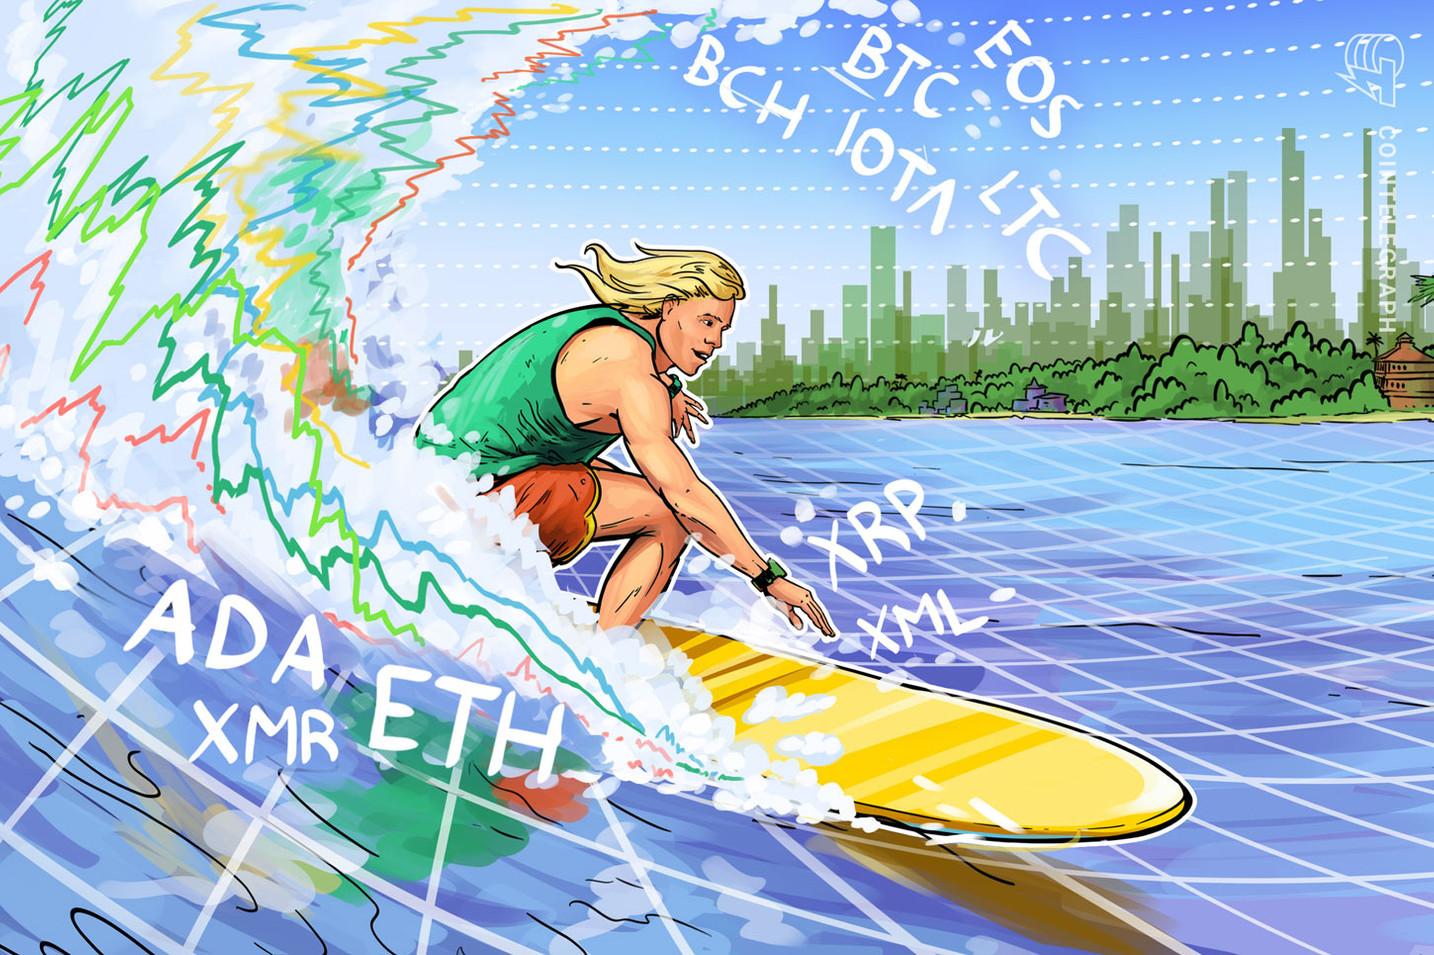 8月24日 主要仮想通貨のテクニカル価格分析!ETF拒否見直しの影響は?